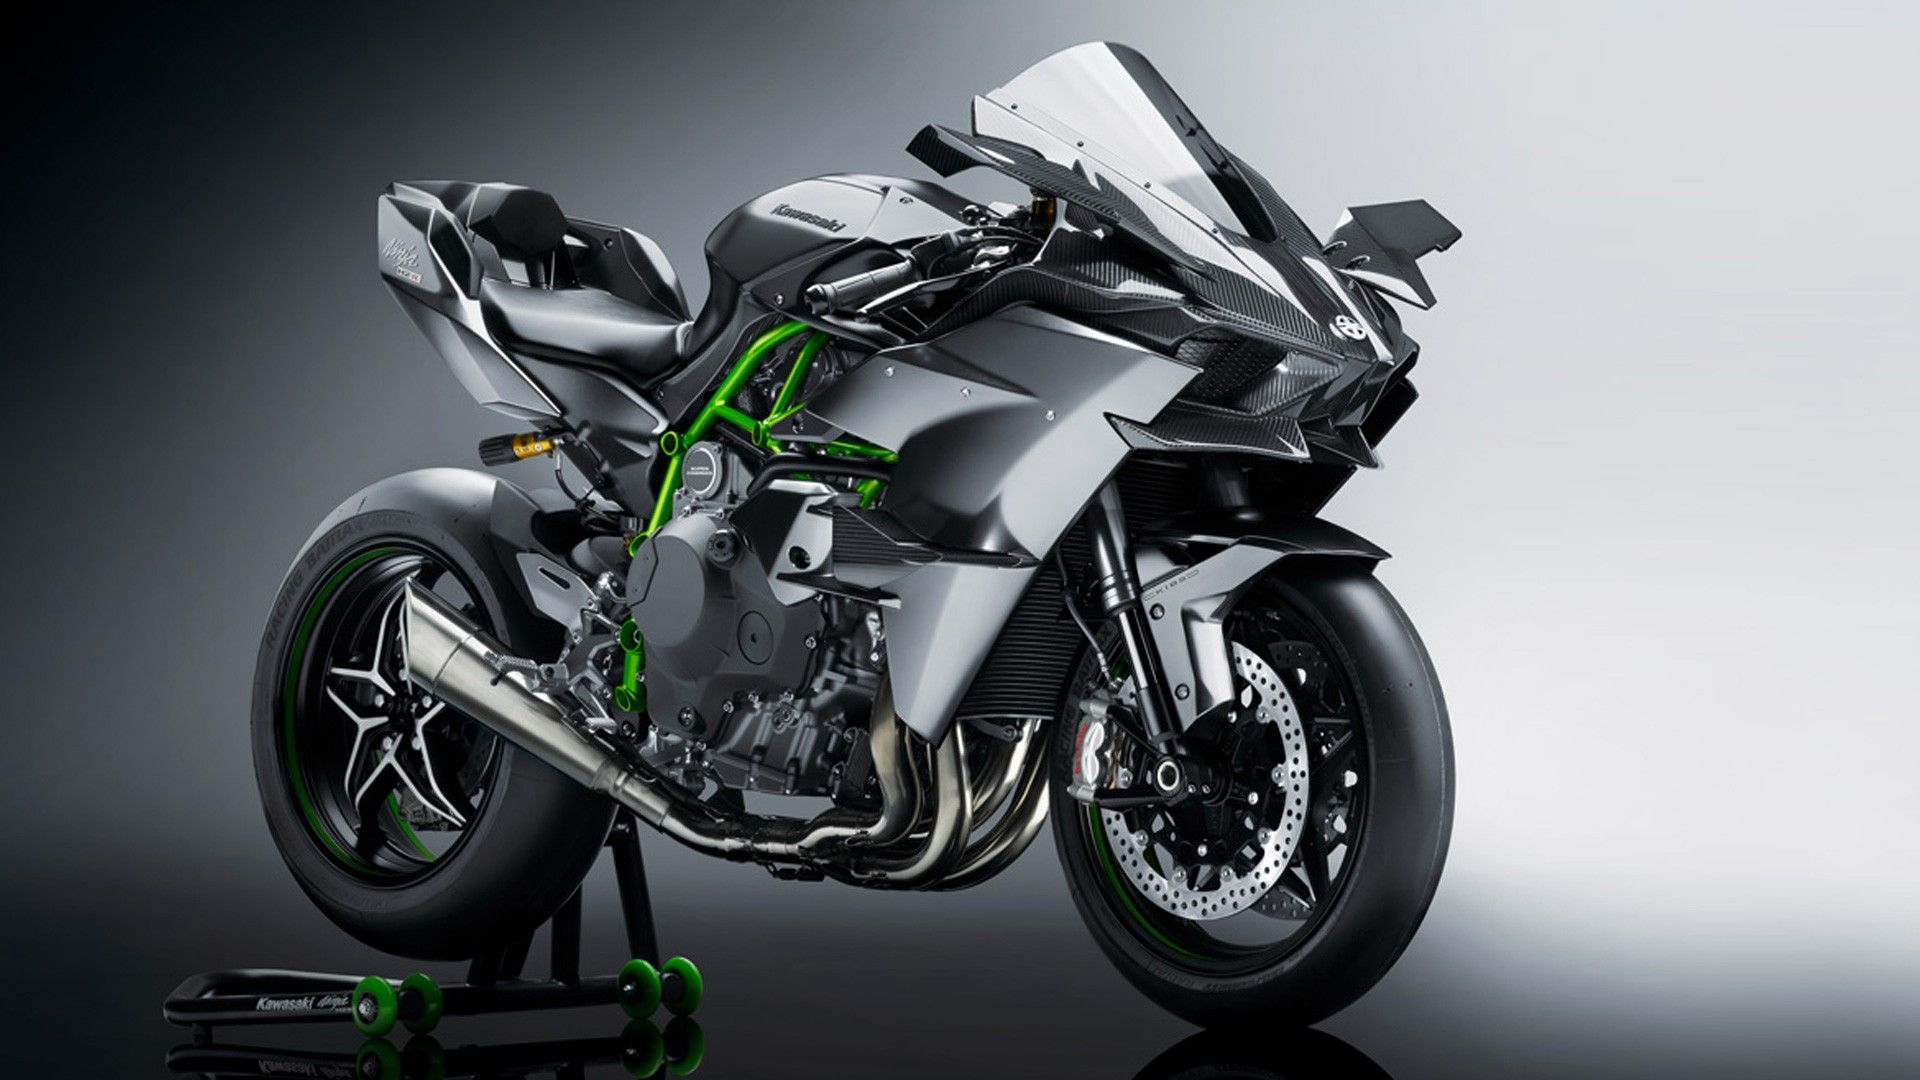 Kawasaki H2r 2019 Super Bikes Kawasaki Kawasaki Ninja